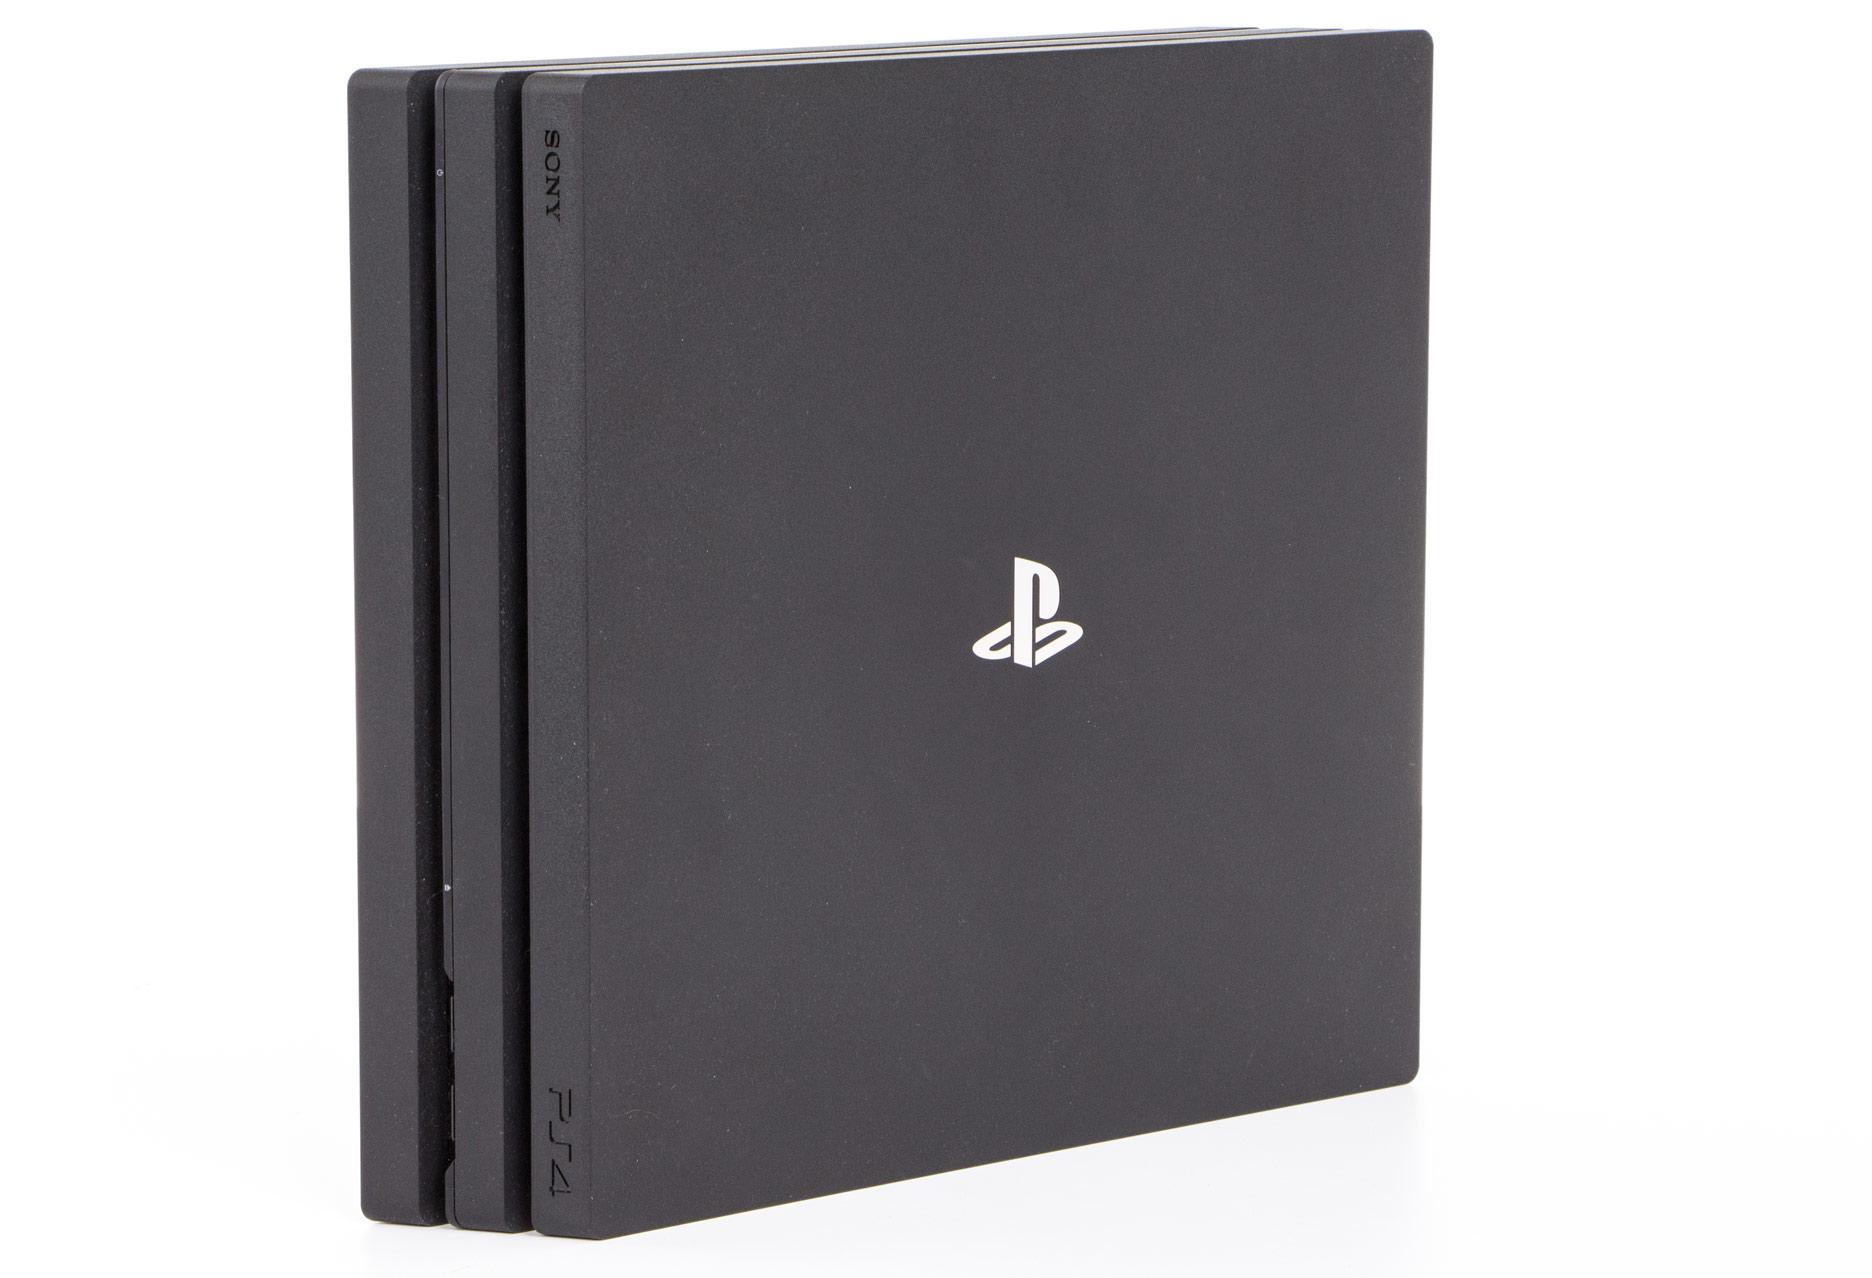 Playstation 4 Pro - zdejmowalna górna pokrywa